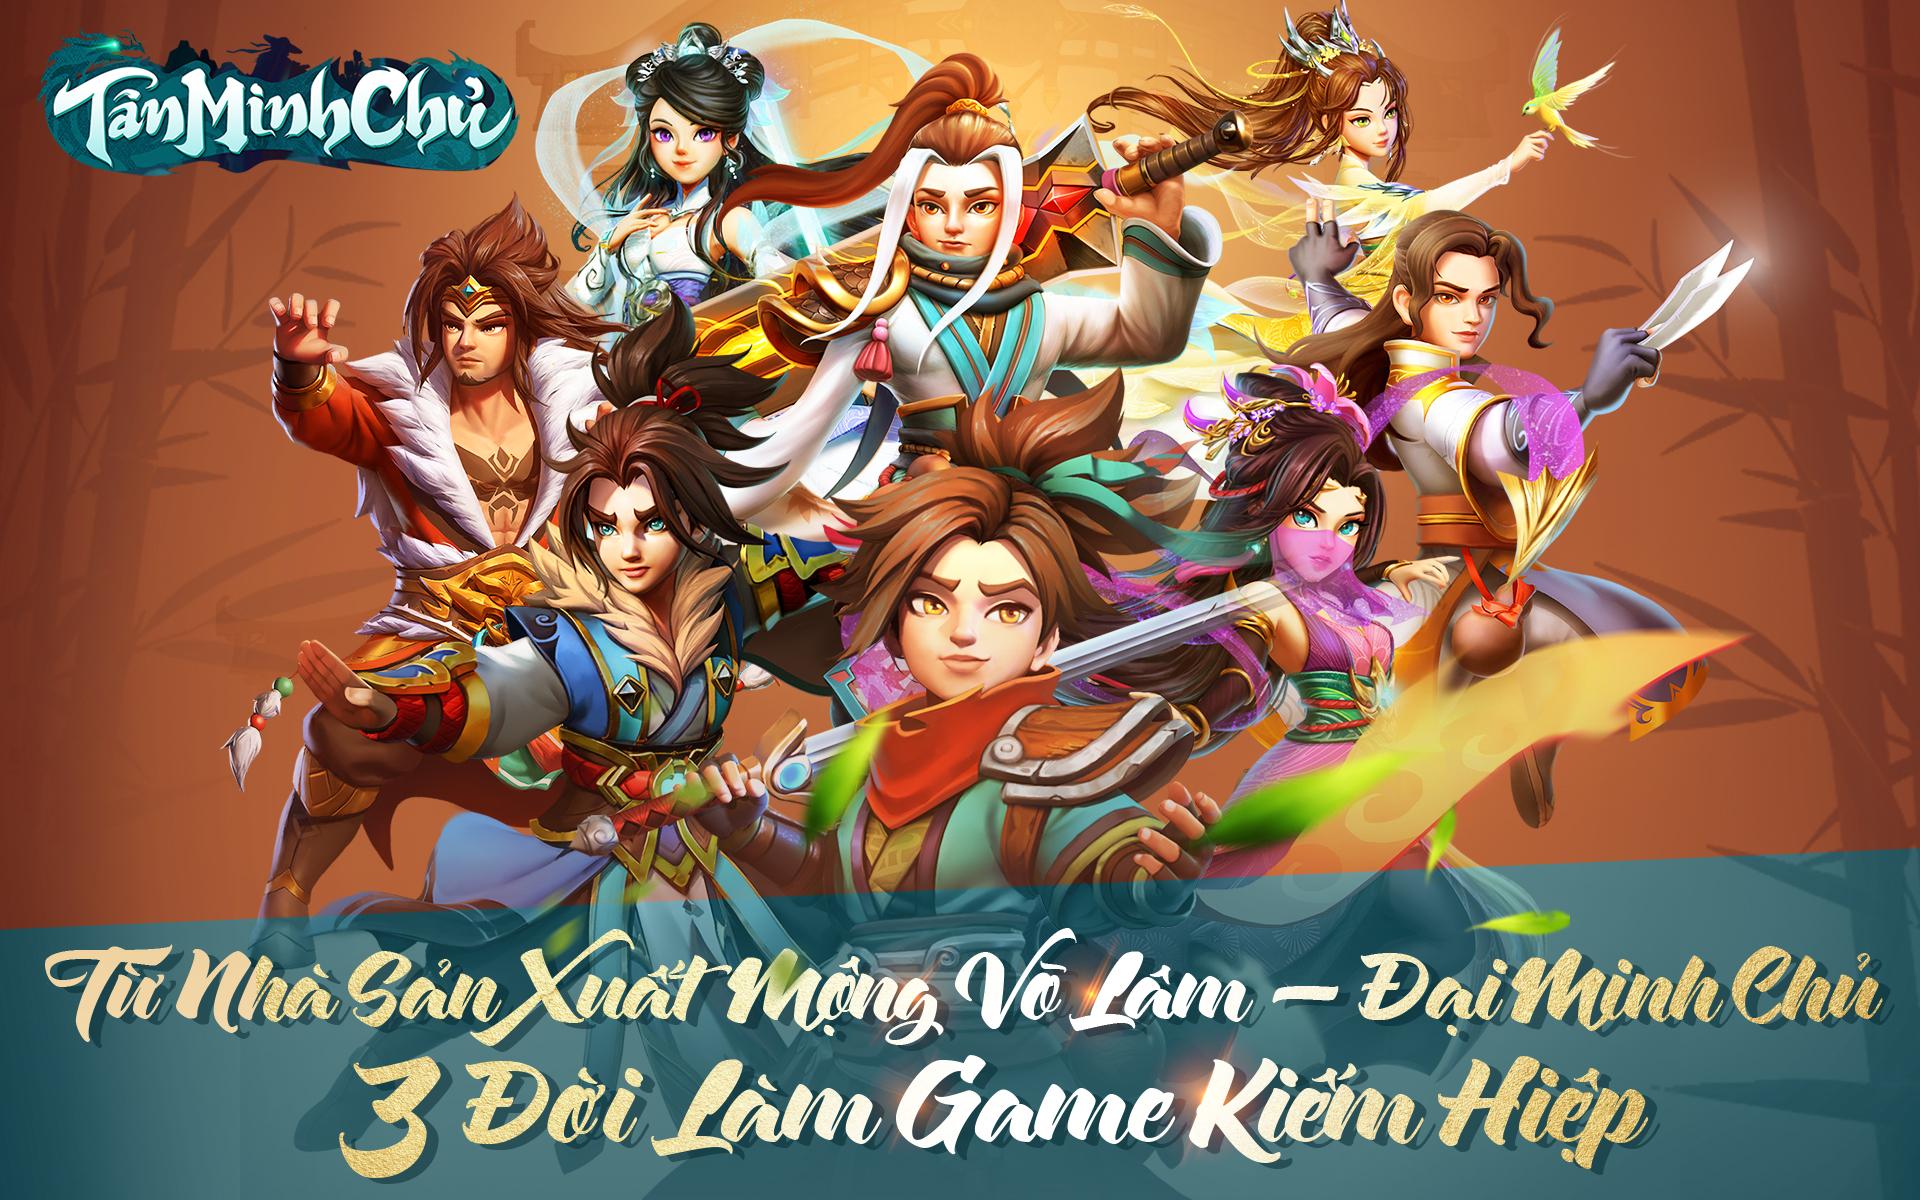 """Game Tân Minh Chủ chinh phục cộng đồng bằng 3 giá trị cốt lõi """"trân quý"""""""